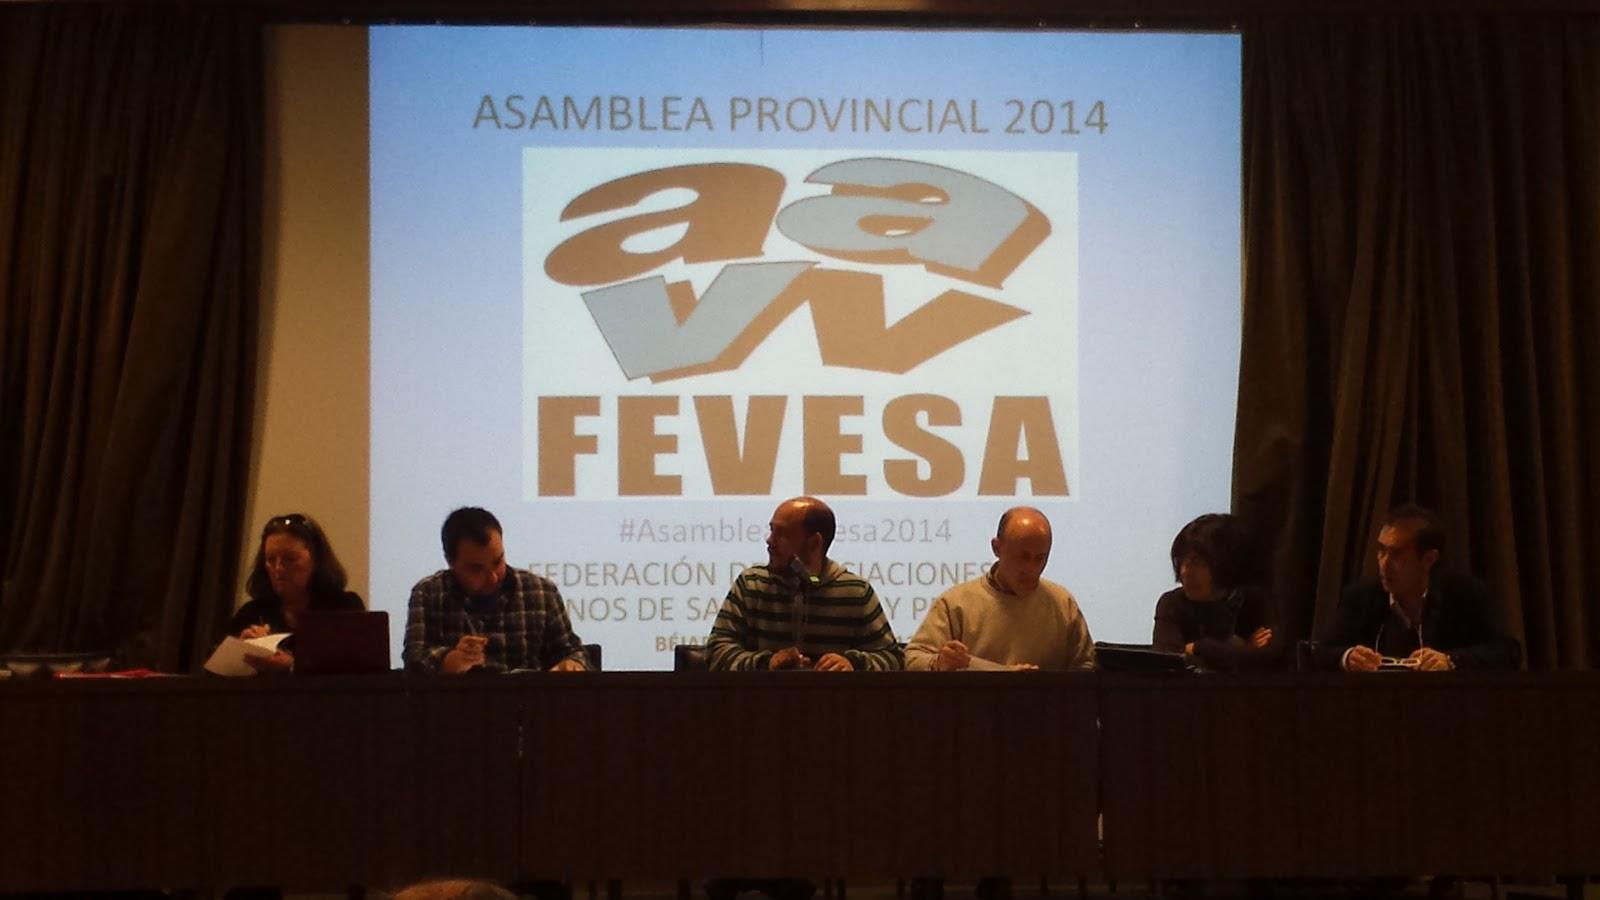 Mesa de la asamblea de FEVESA en la escuela de ingenieros de Béjar